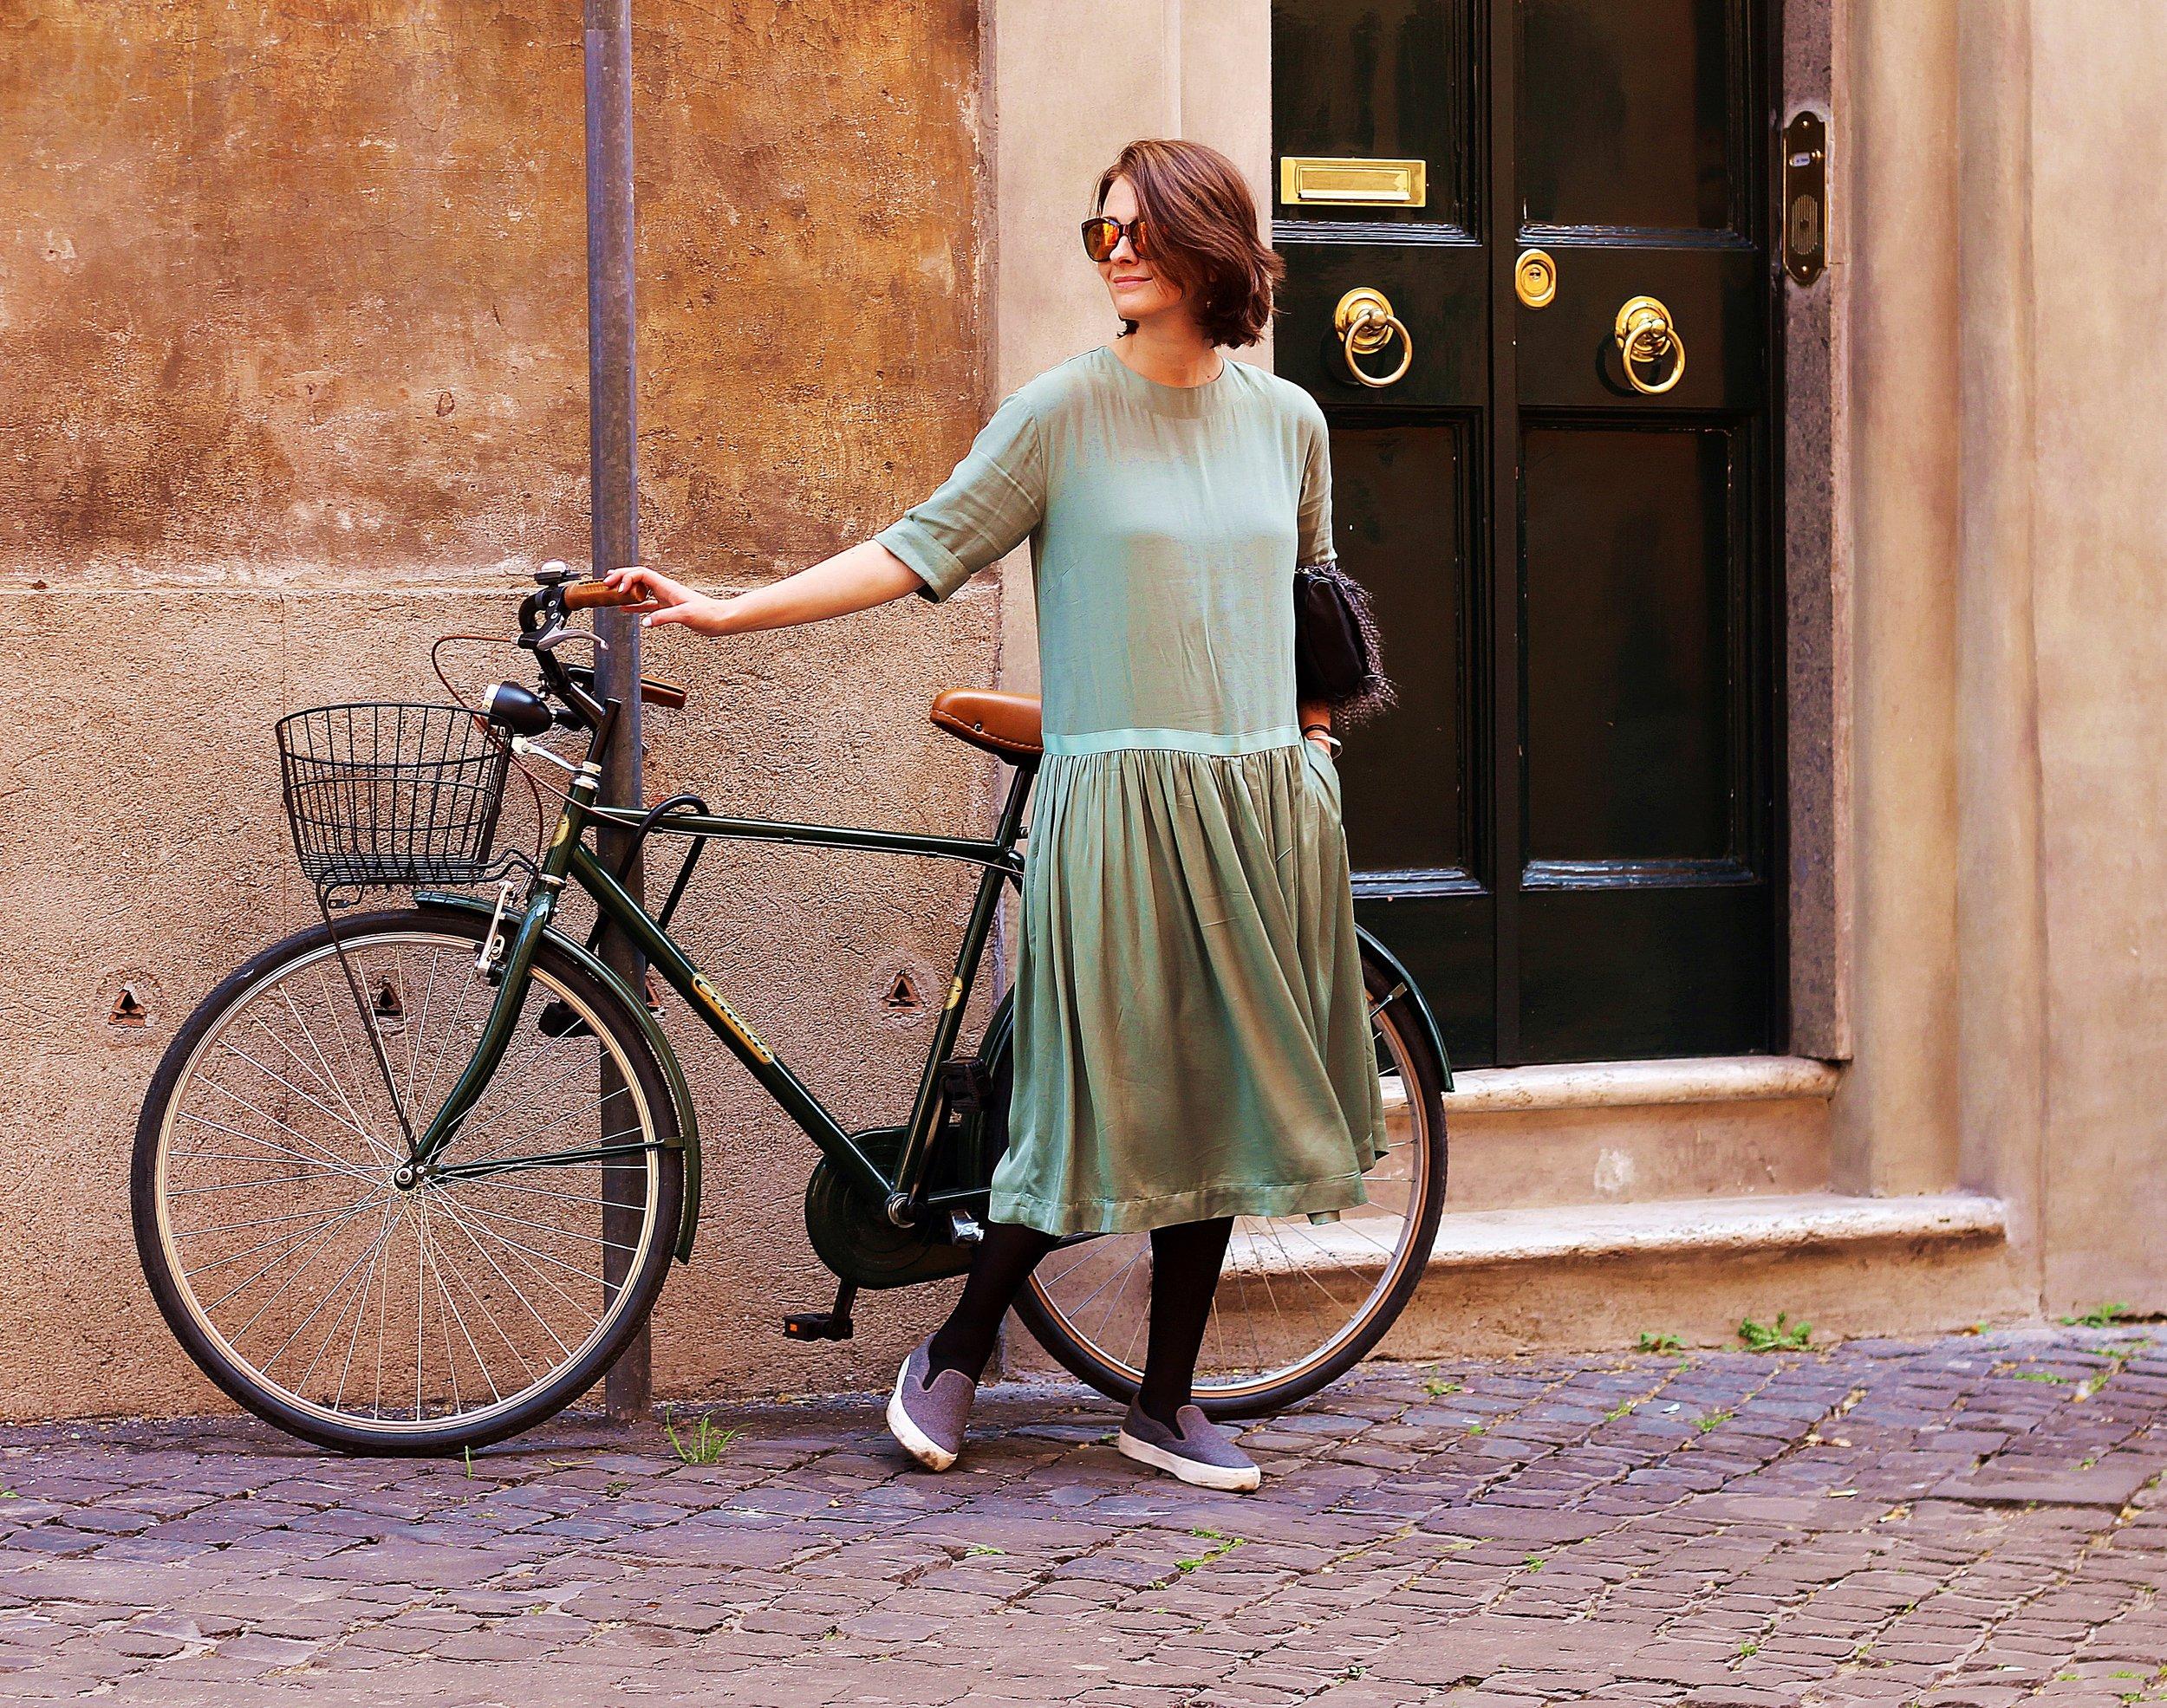 ann-a-porter-fashion-blog-roma-italy-blogger-annaporter(7)